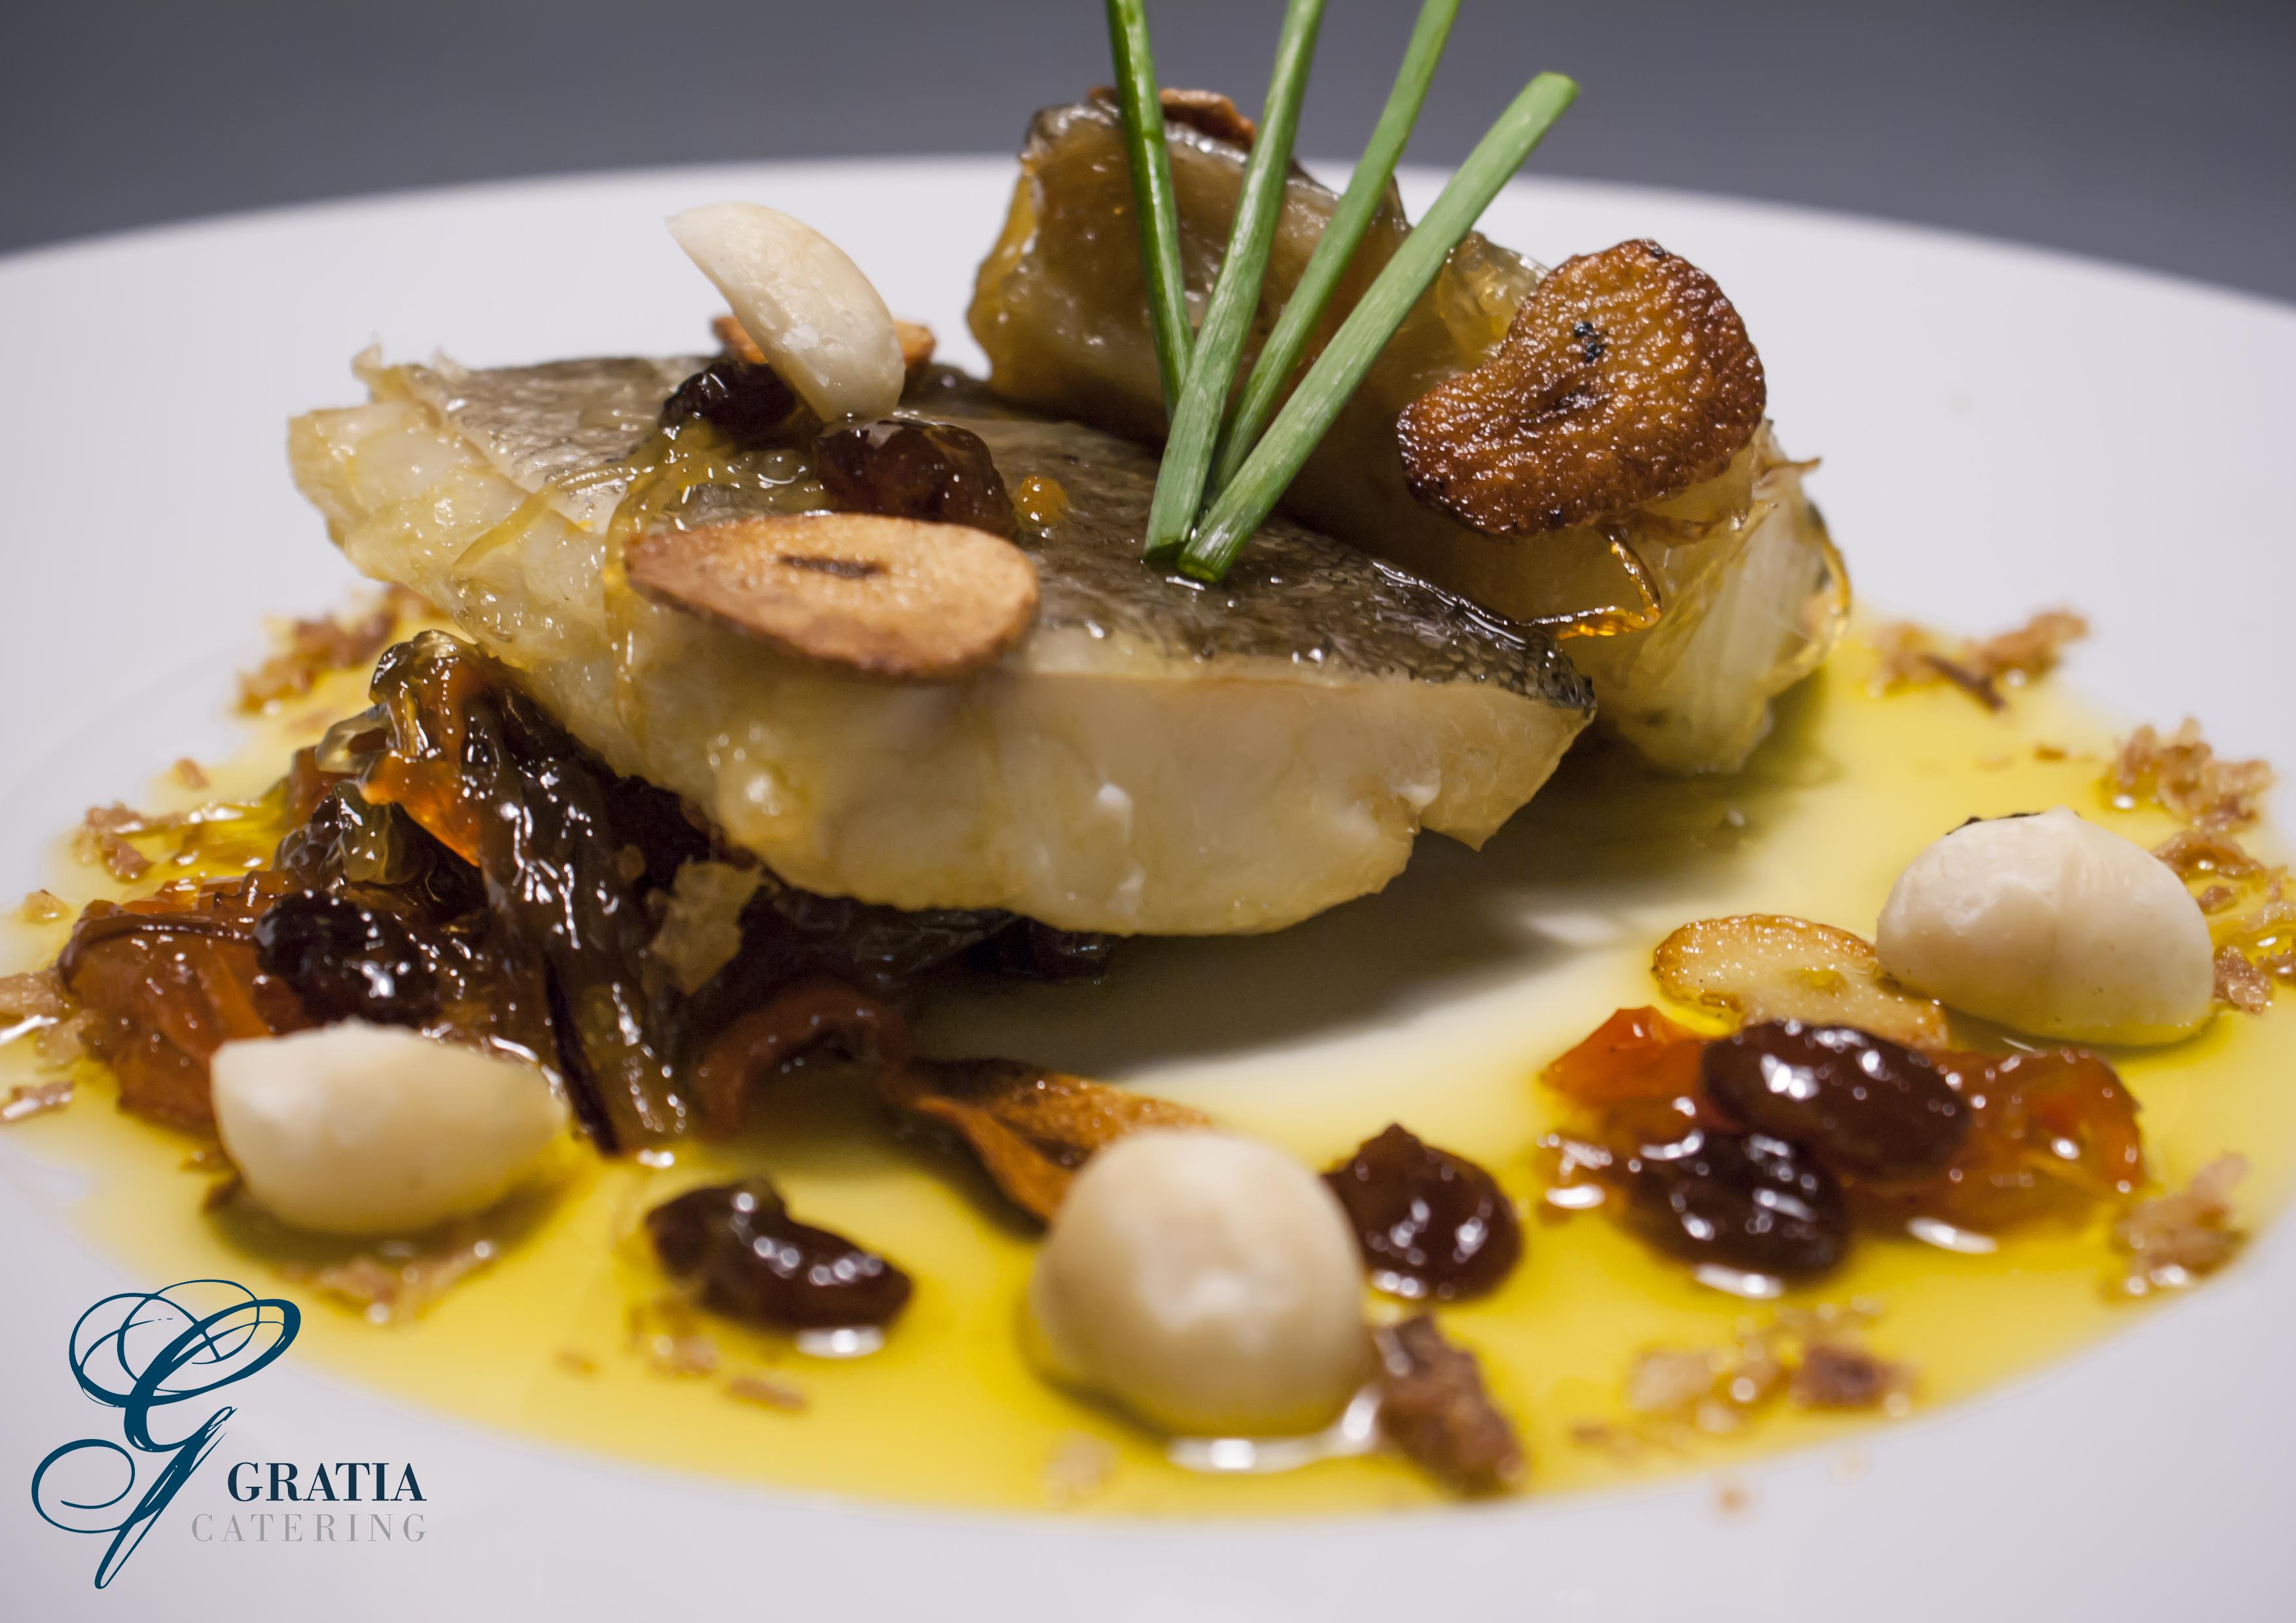 bacalao-confitado-en-miel-con-pasas-y-nueces-de-macadamia-i